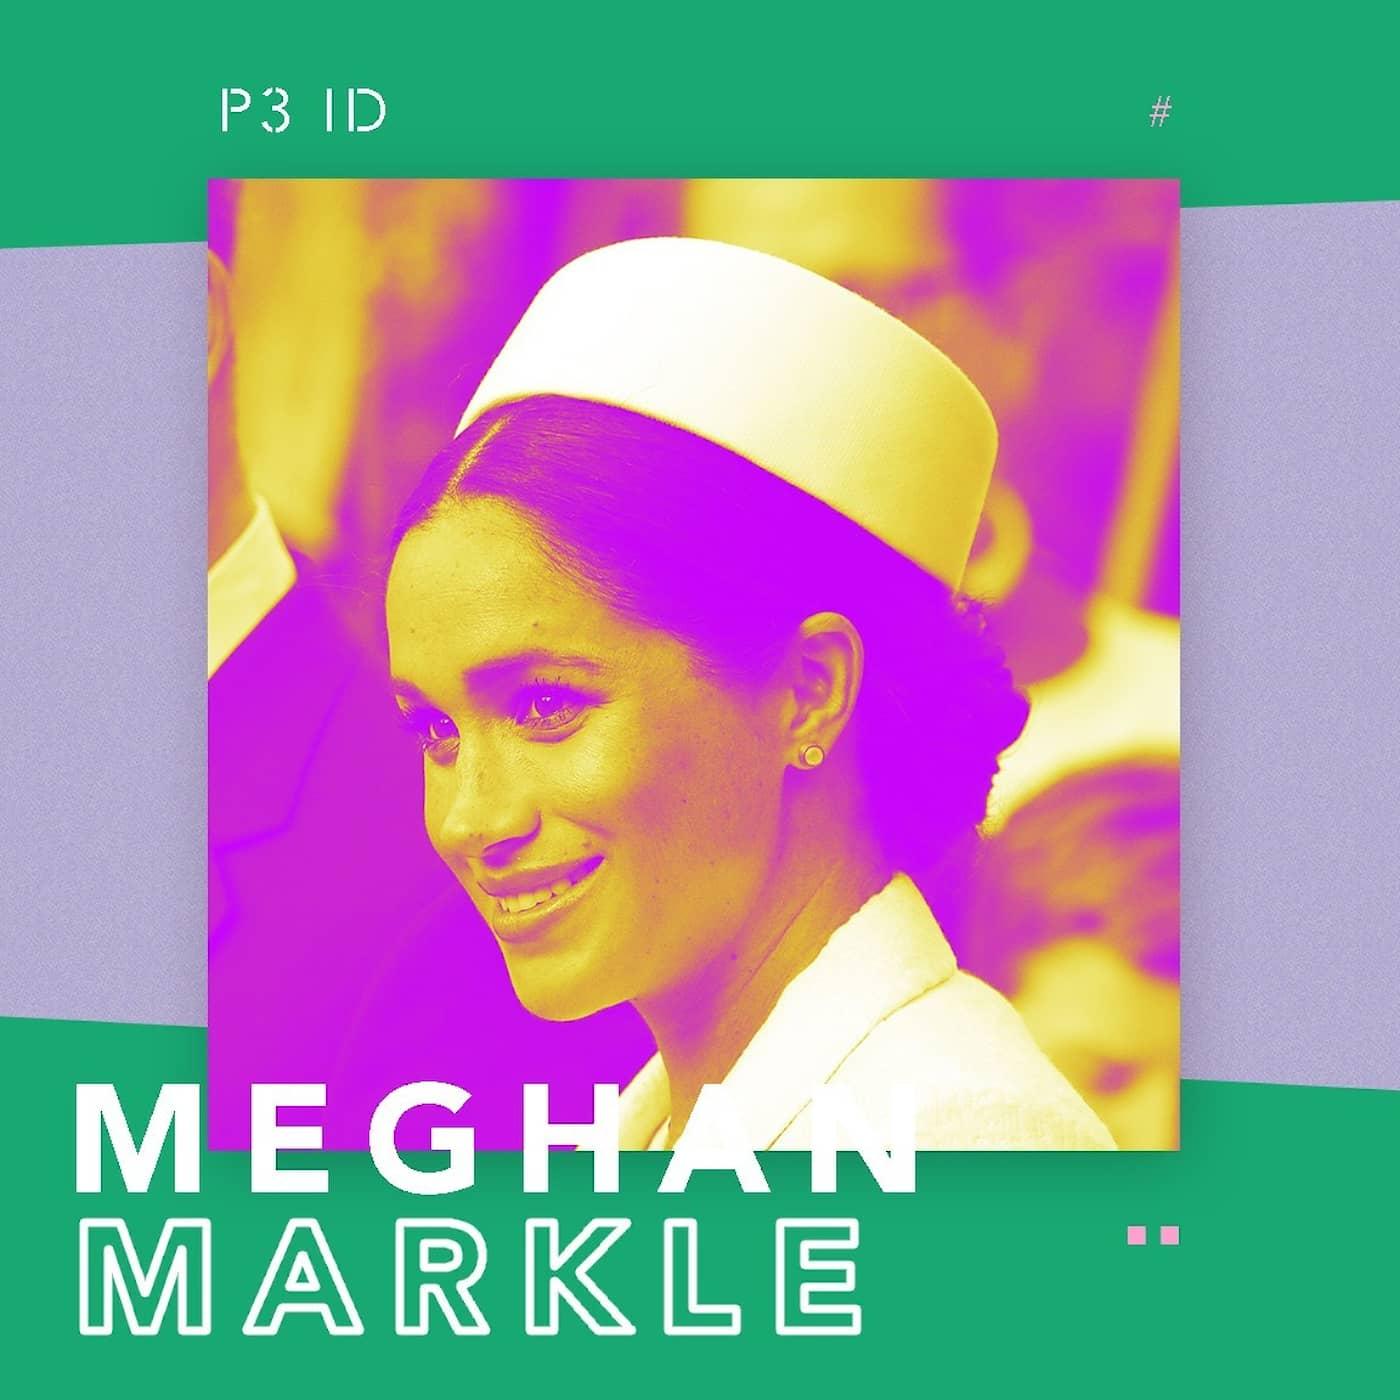 Meghan Markle – Hertiginnan av ingenting